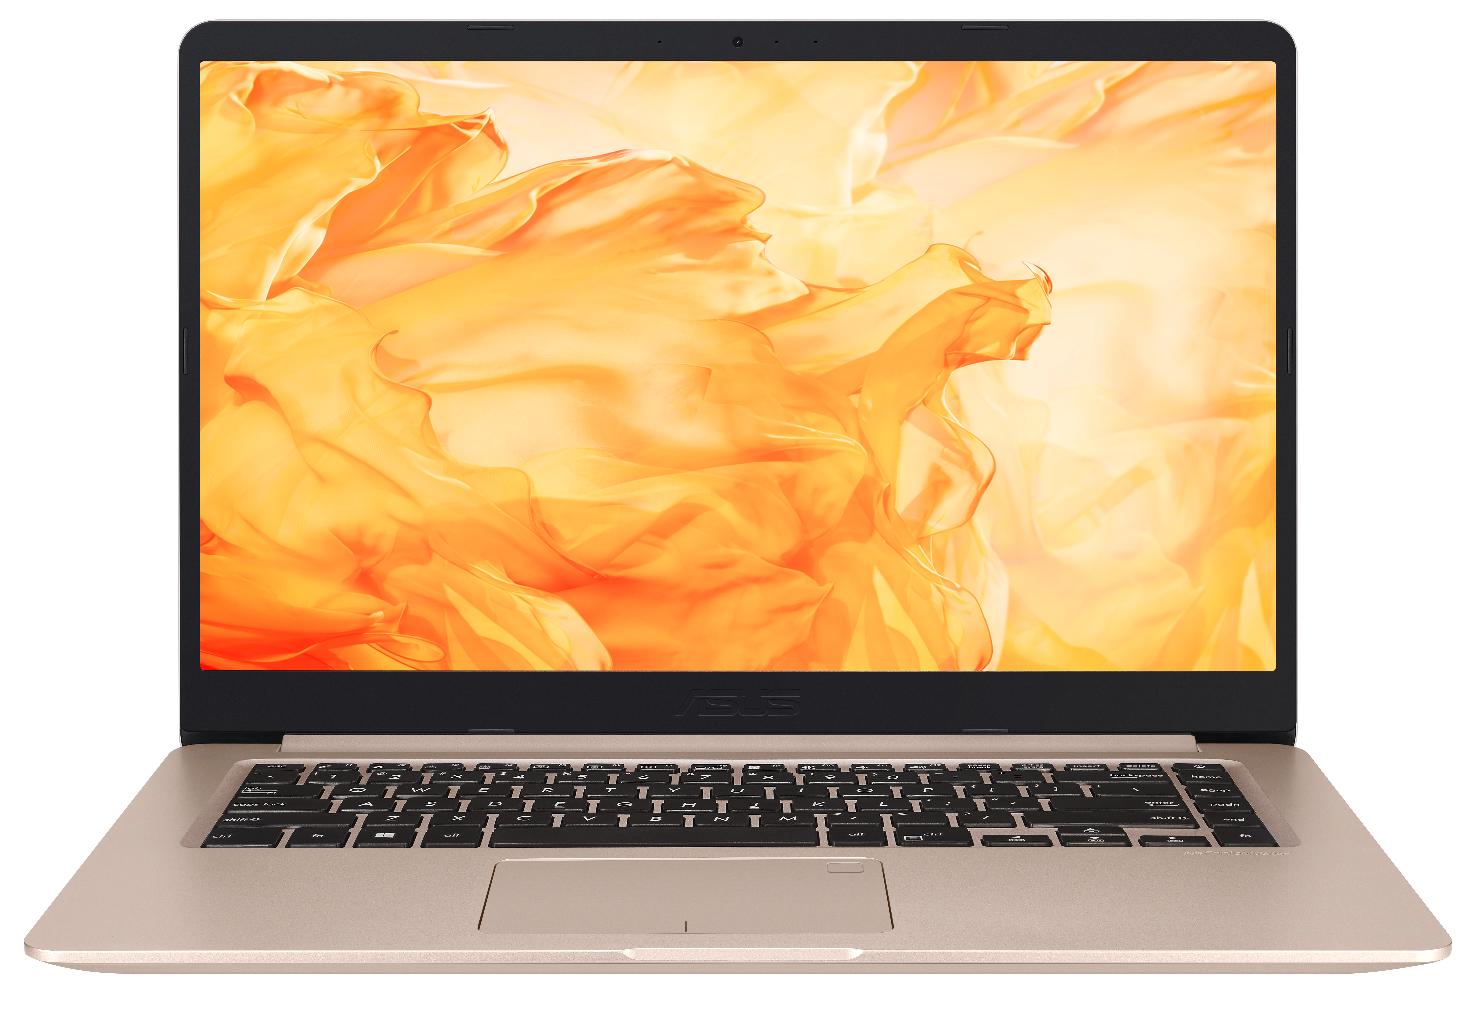 ASUS представила недорогие ноутбуки VivoBook Pro и S15